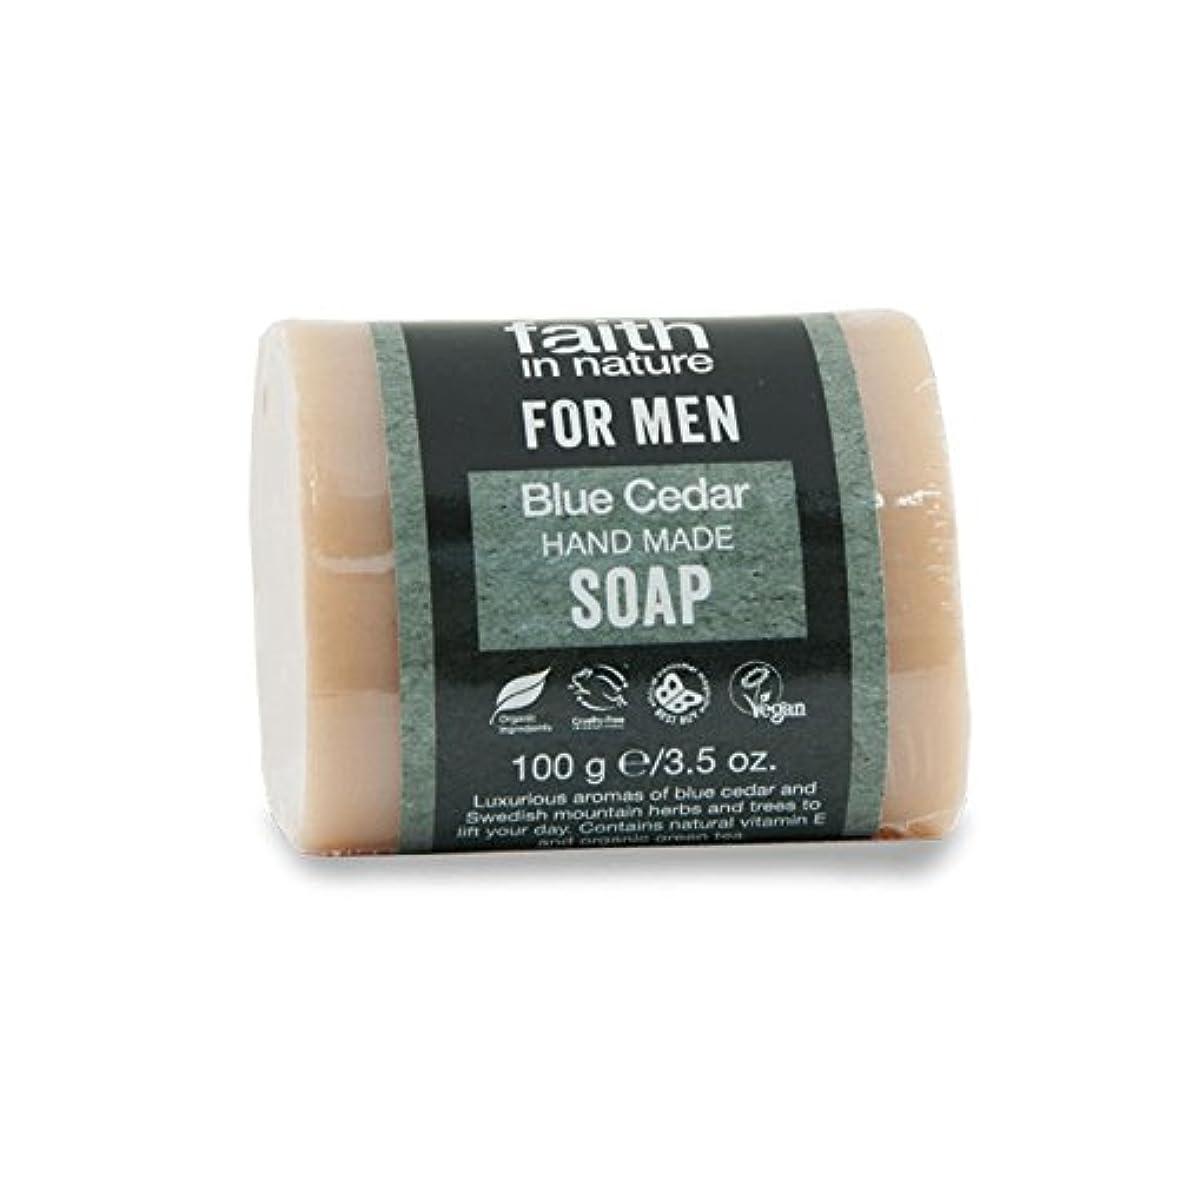 王女管理する満了男性青杉の石鹸100グラムのための自然の中で信仰 - Faith in Nature for Men Blue Cedar Soap 100g (Faith in Nature) [並行輸入品]